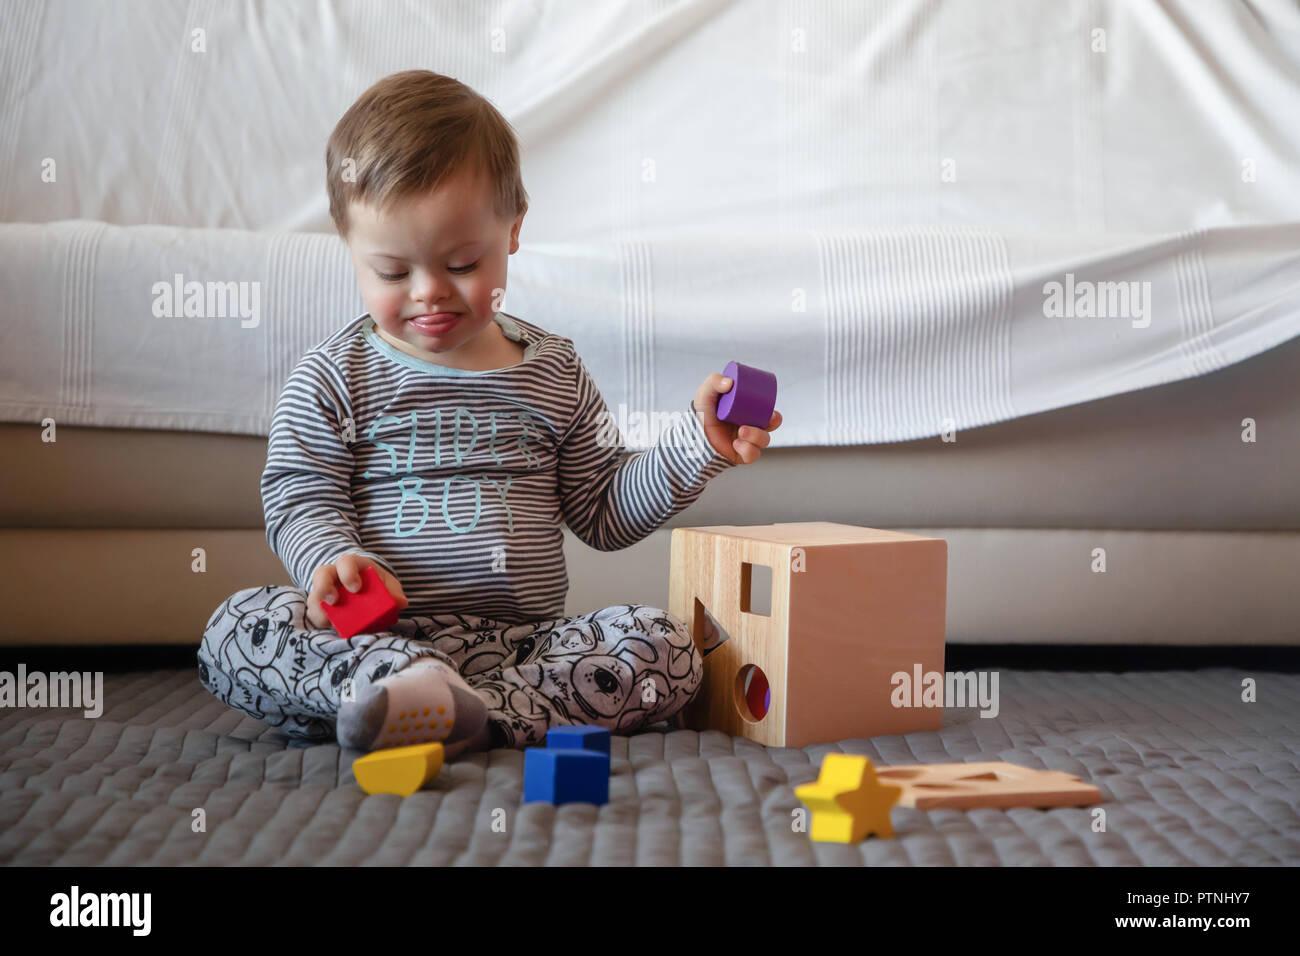 Retrato de menino bonito com síndrome de down jogando em casa Imagens de Stock